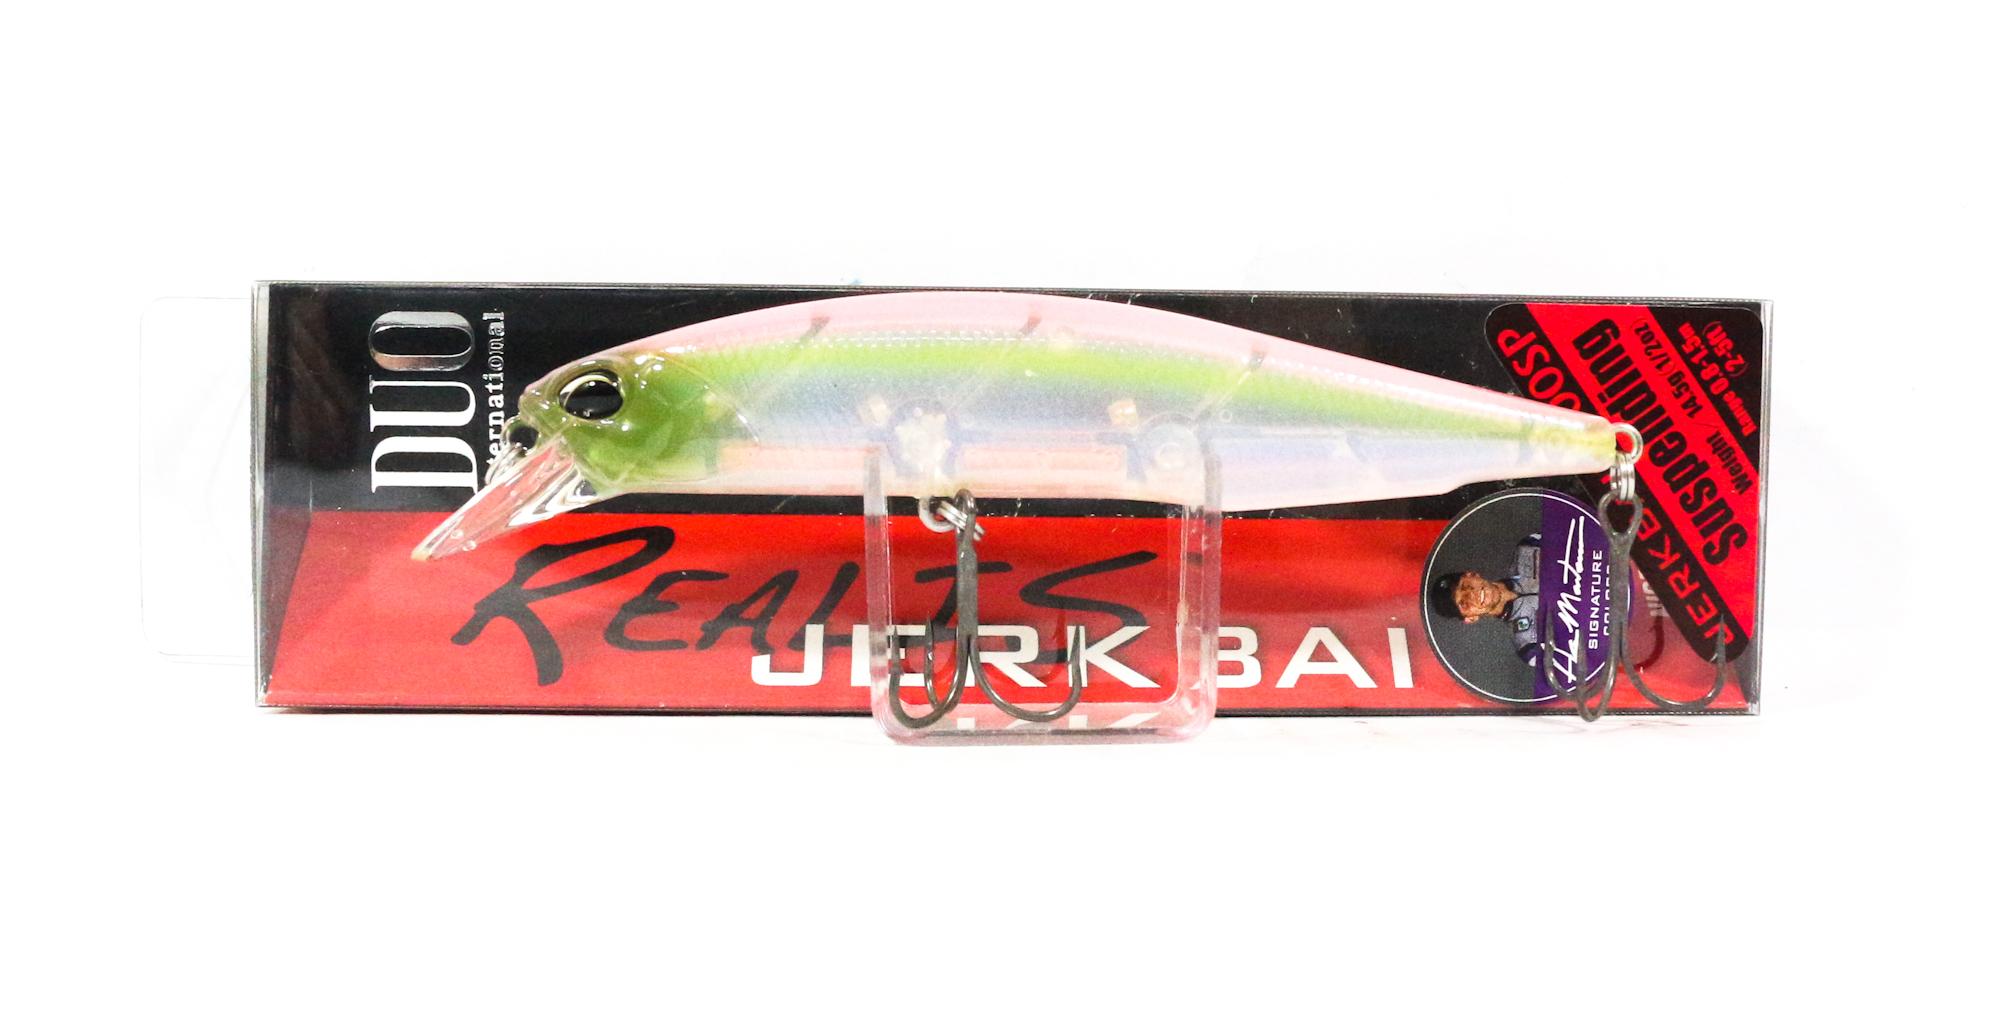 Duo Realis Jerkbait 100SP Suspend Lure CCC3350 (0404)